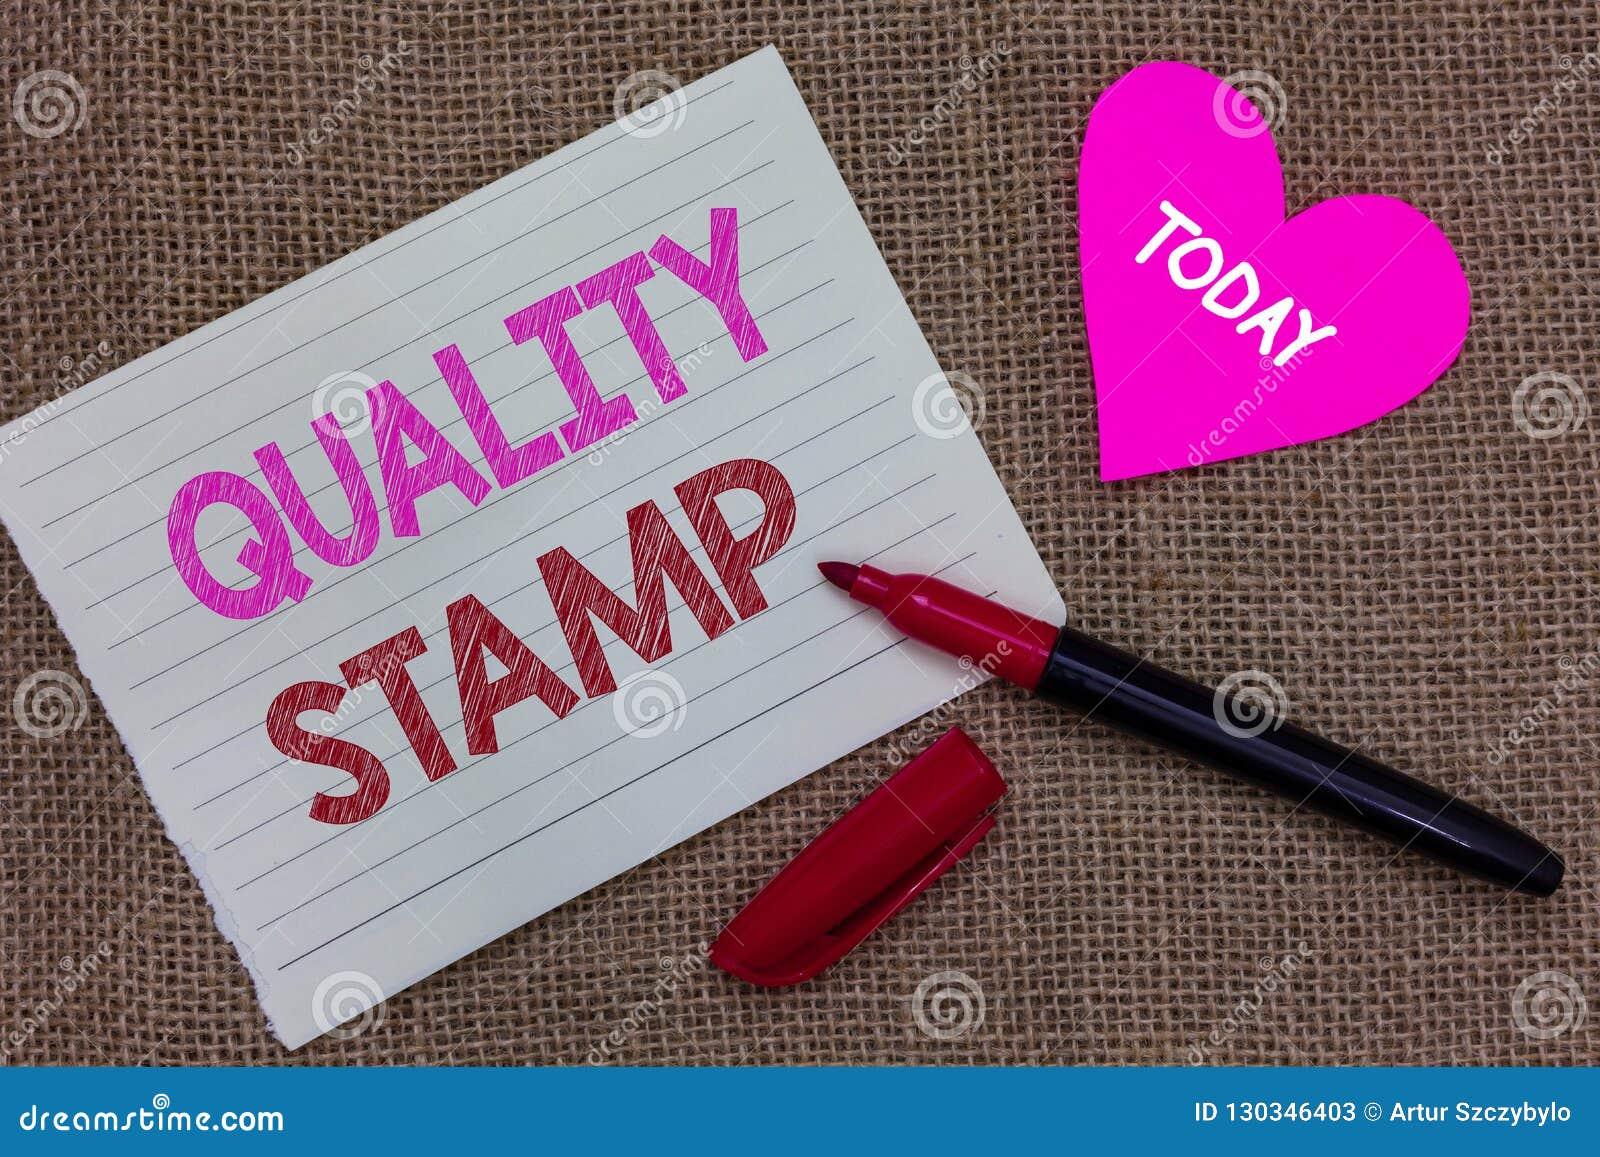 Handschrifttekst het schrijven Kwaliteitszegel Concept die Bekrachtiging Goede Indruk Gekwalificeerde Overgegaane Inspectie betek